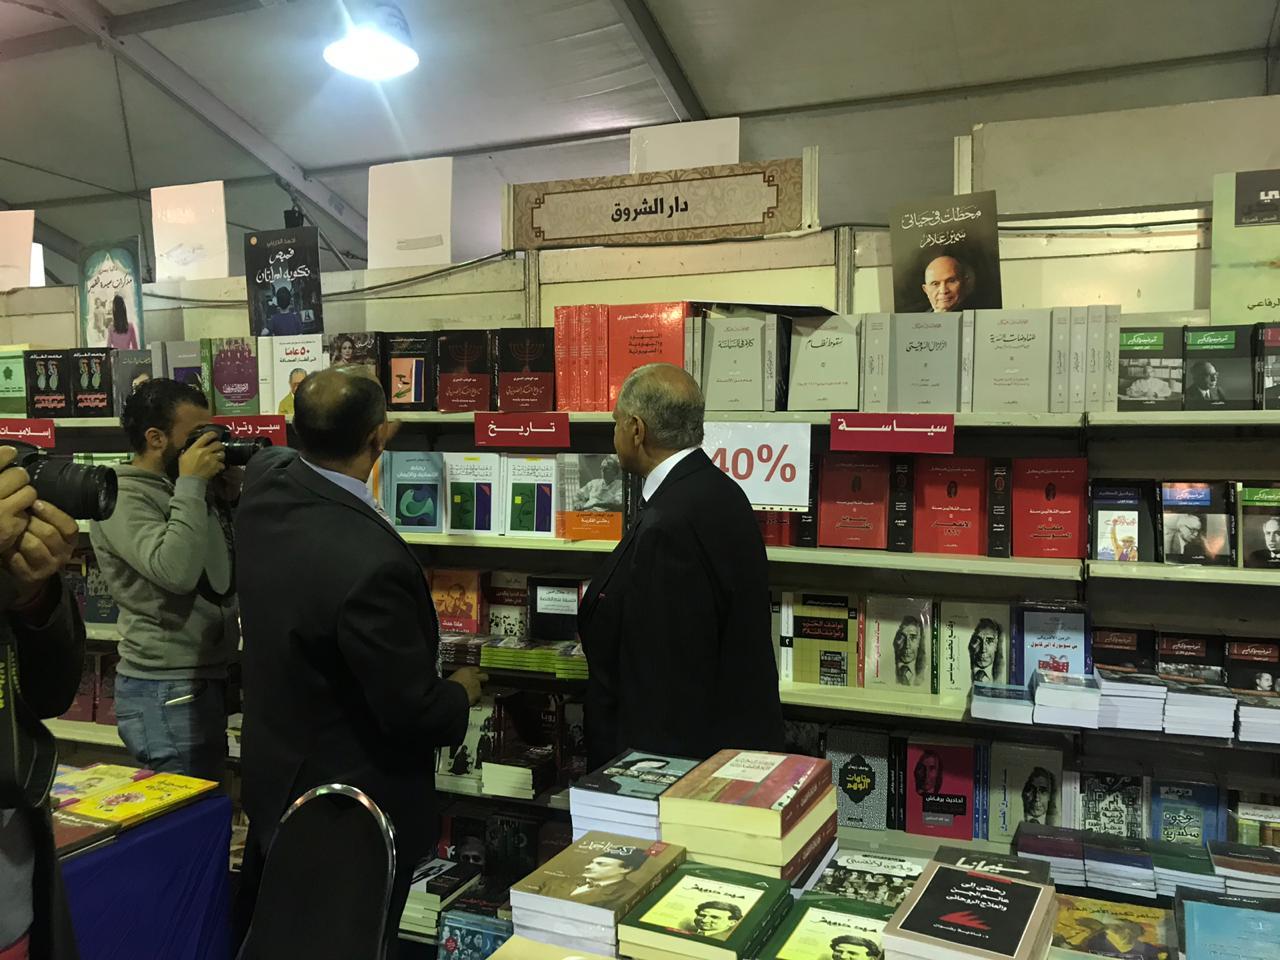 خلال افتتاح معرض زايد العربى للكتاب (4)